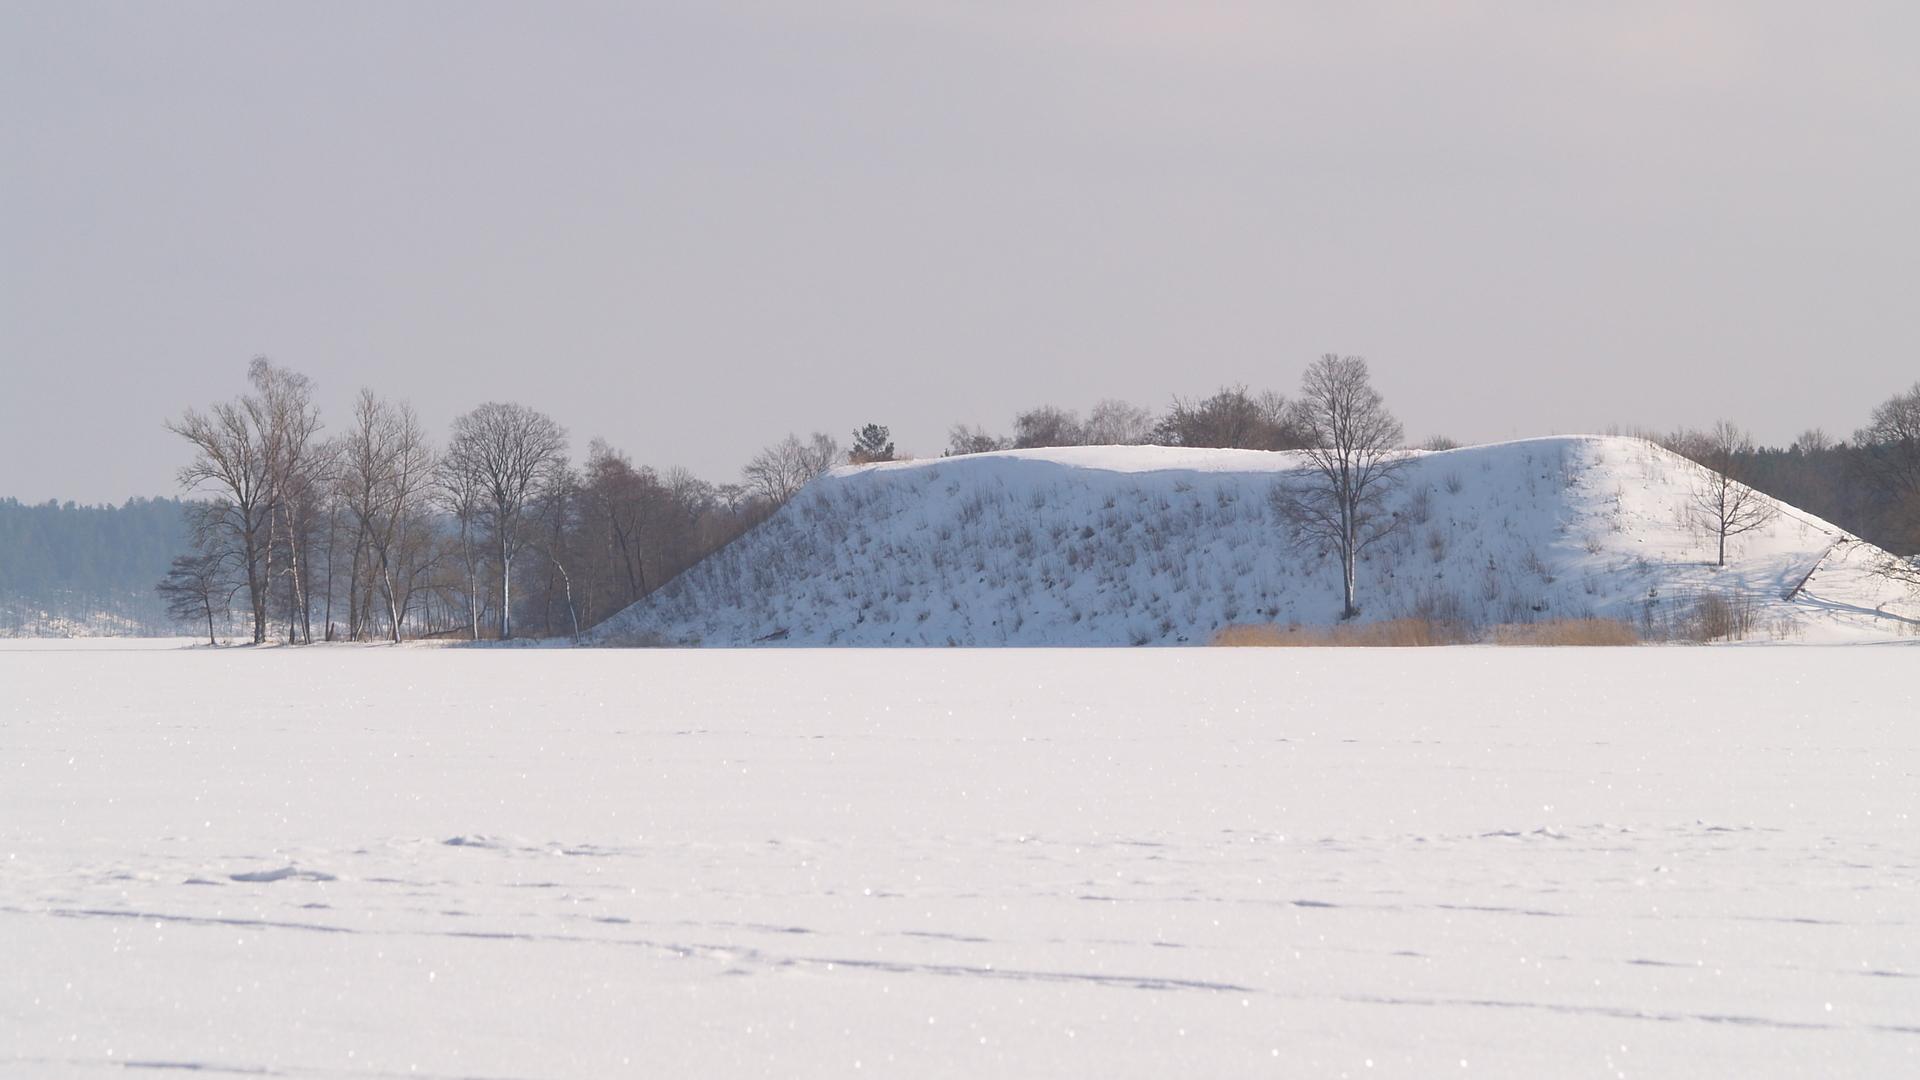 Taurapilis mound